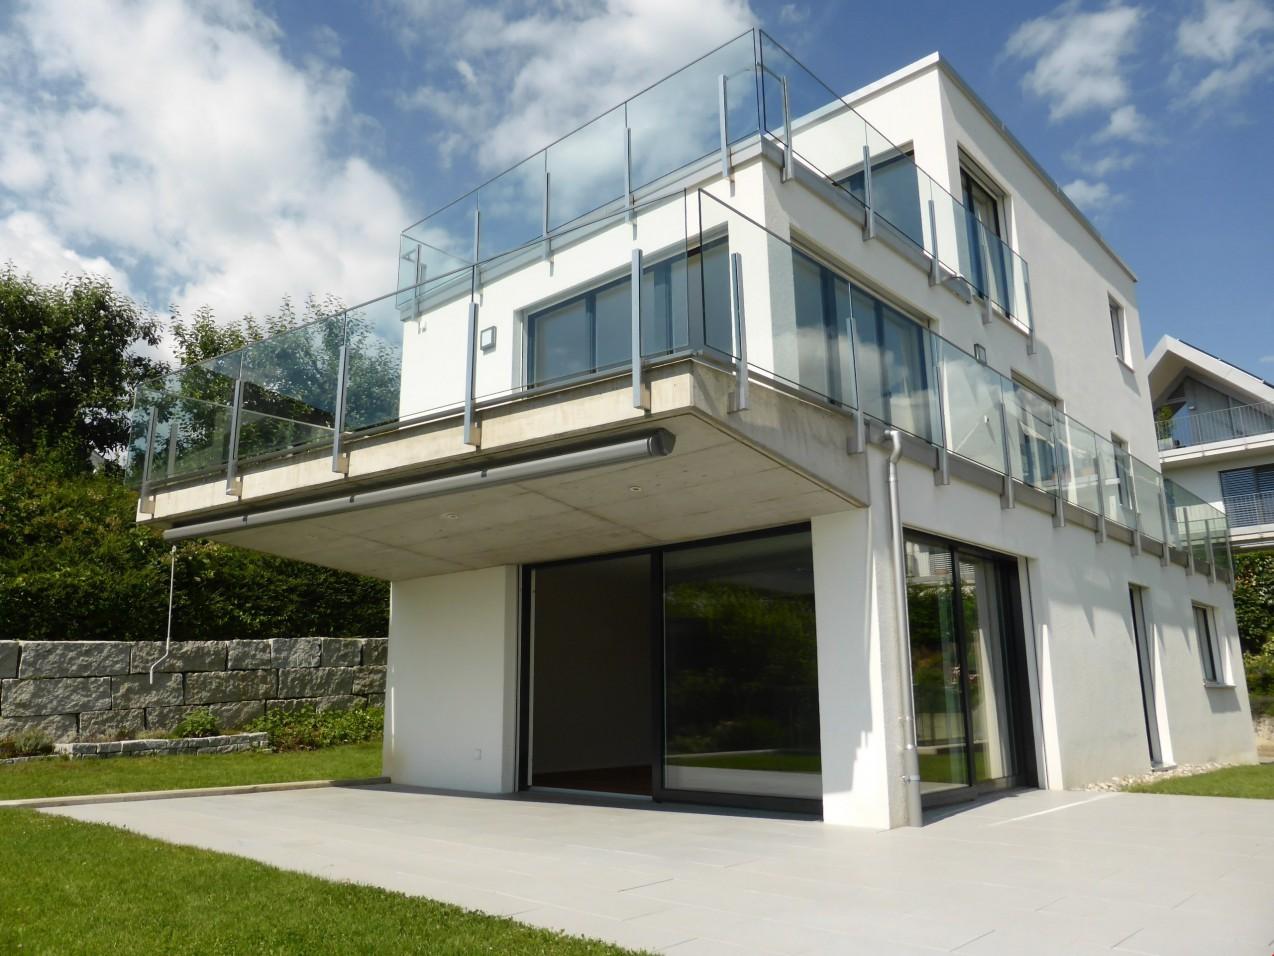 Moderne Architektur und hoher Wohnstandard - ImmoScout24